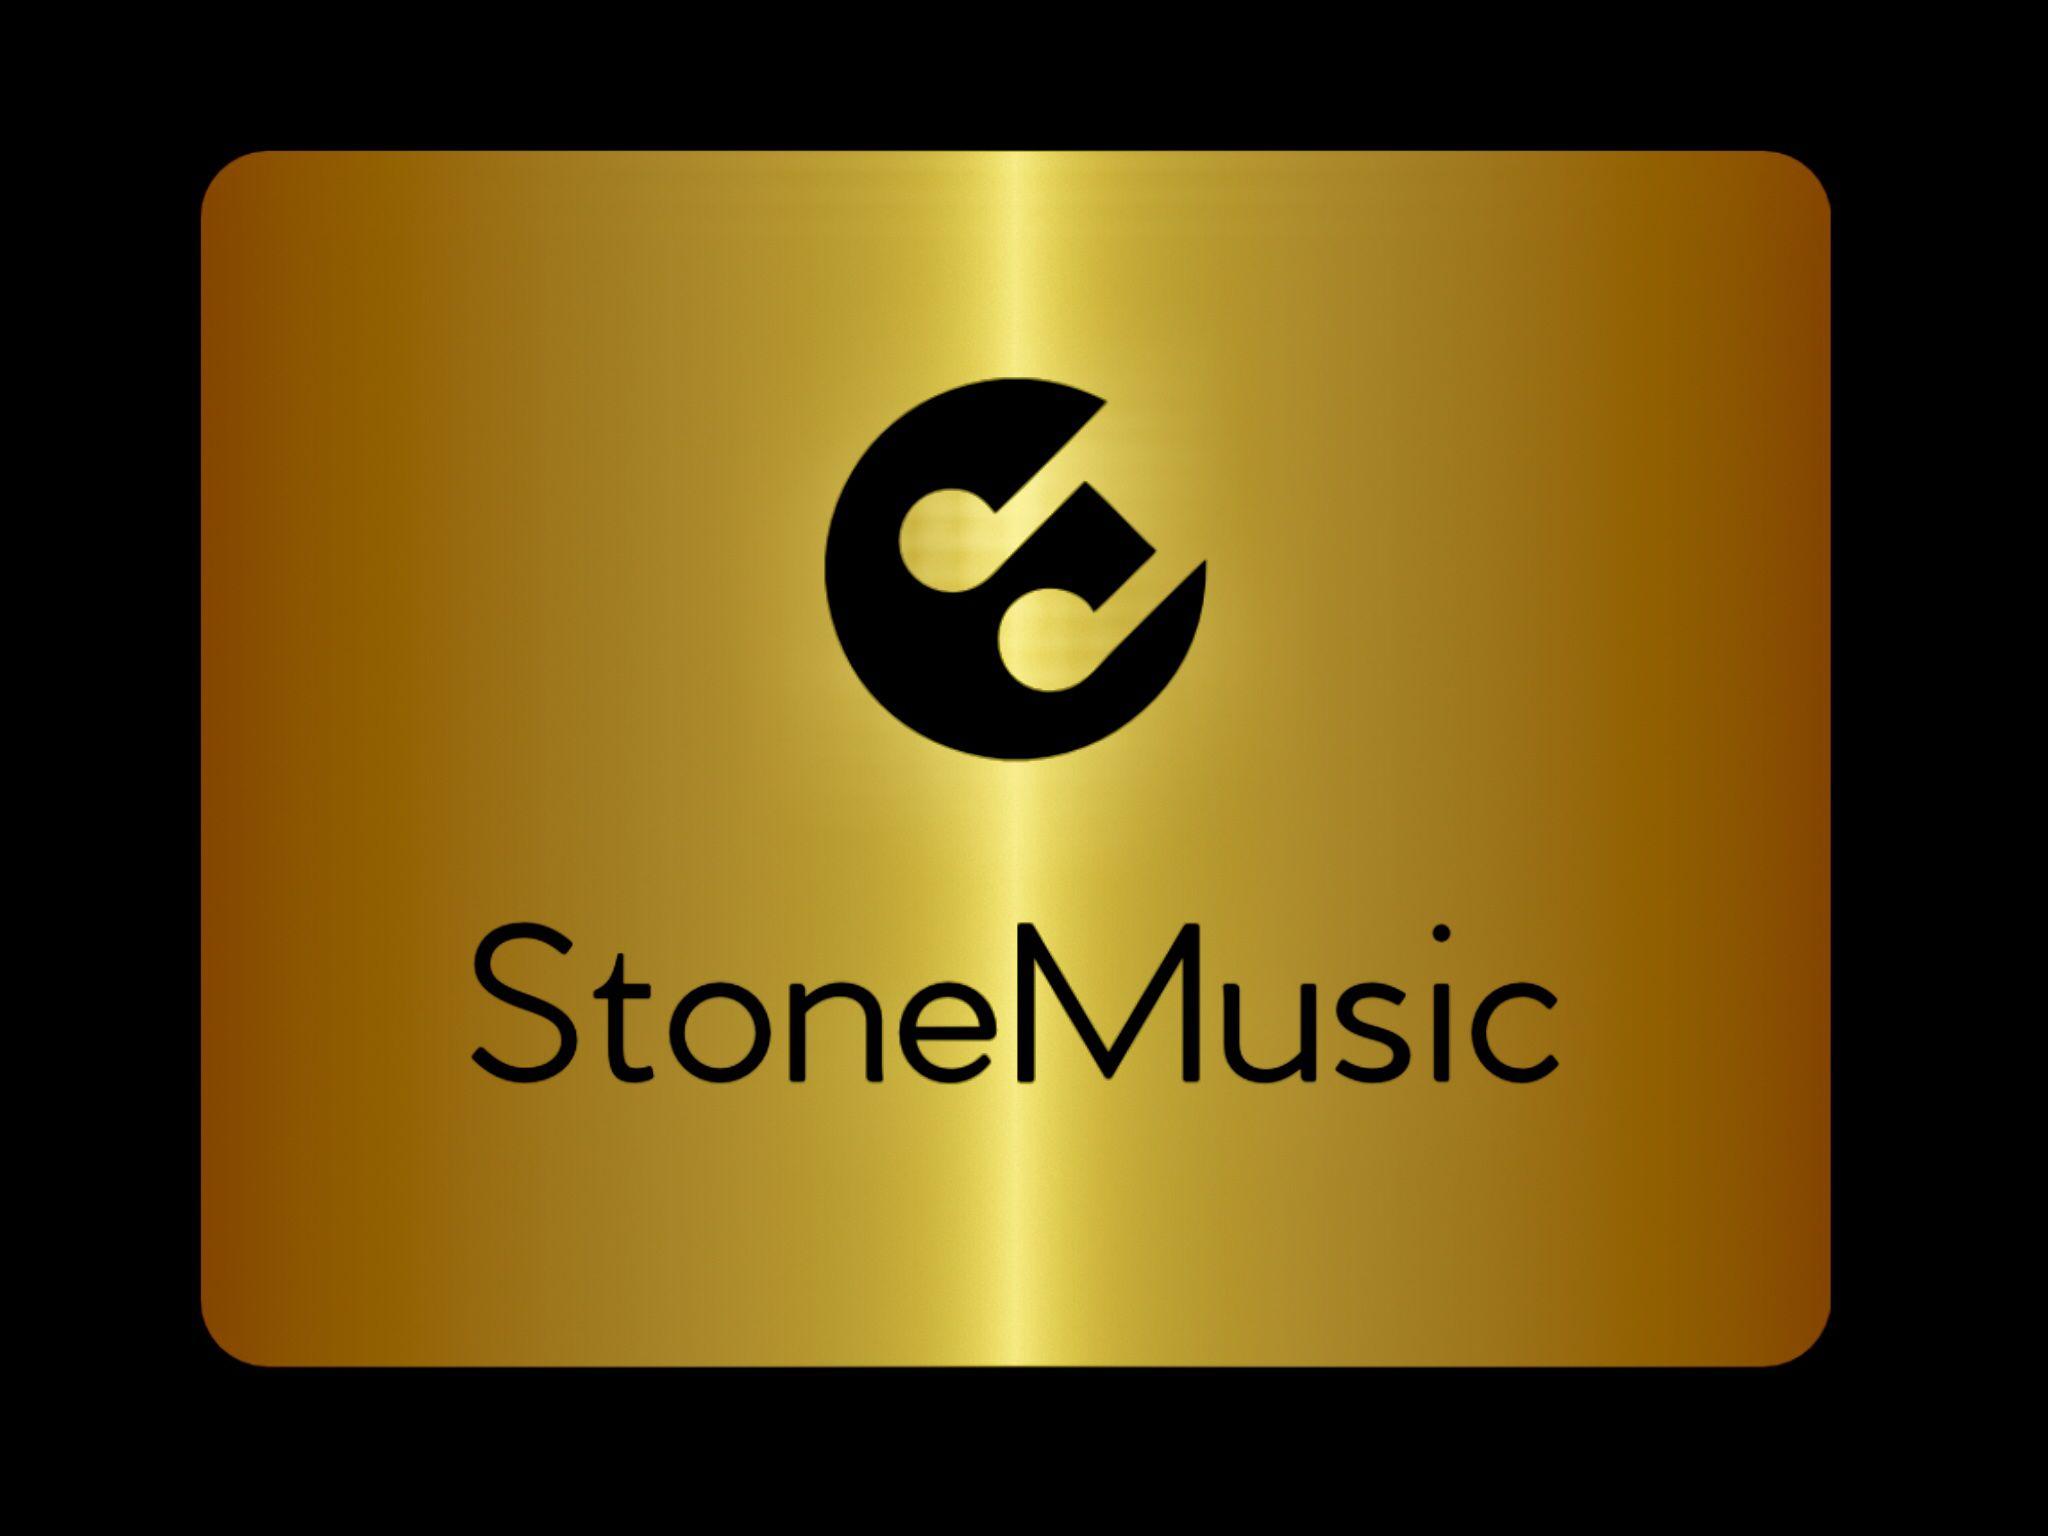 Stonemusic